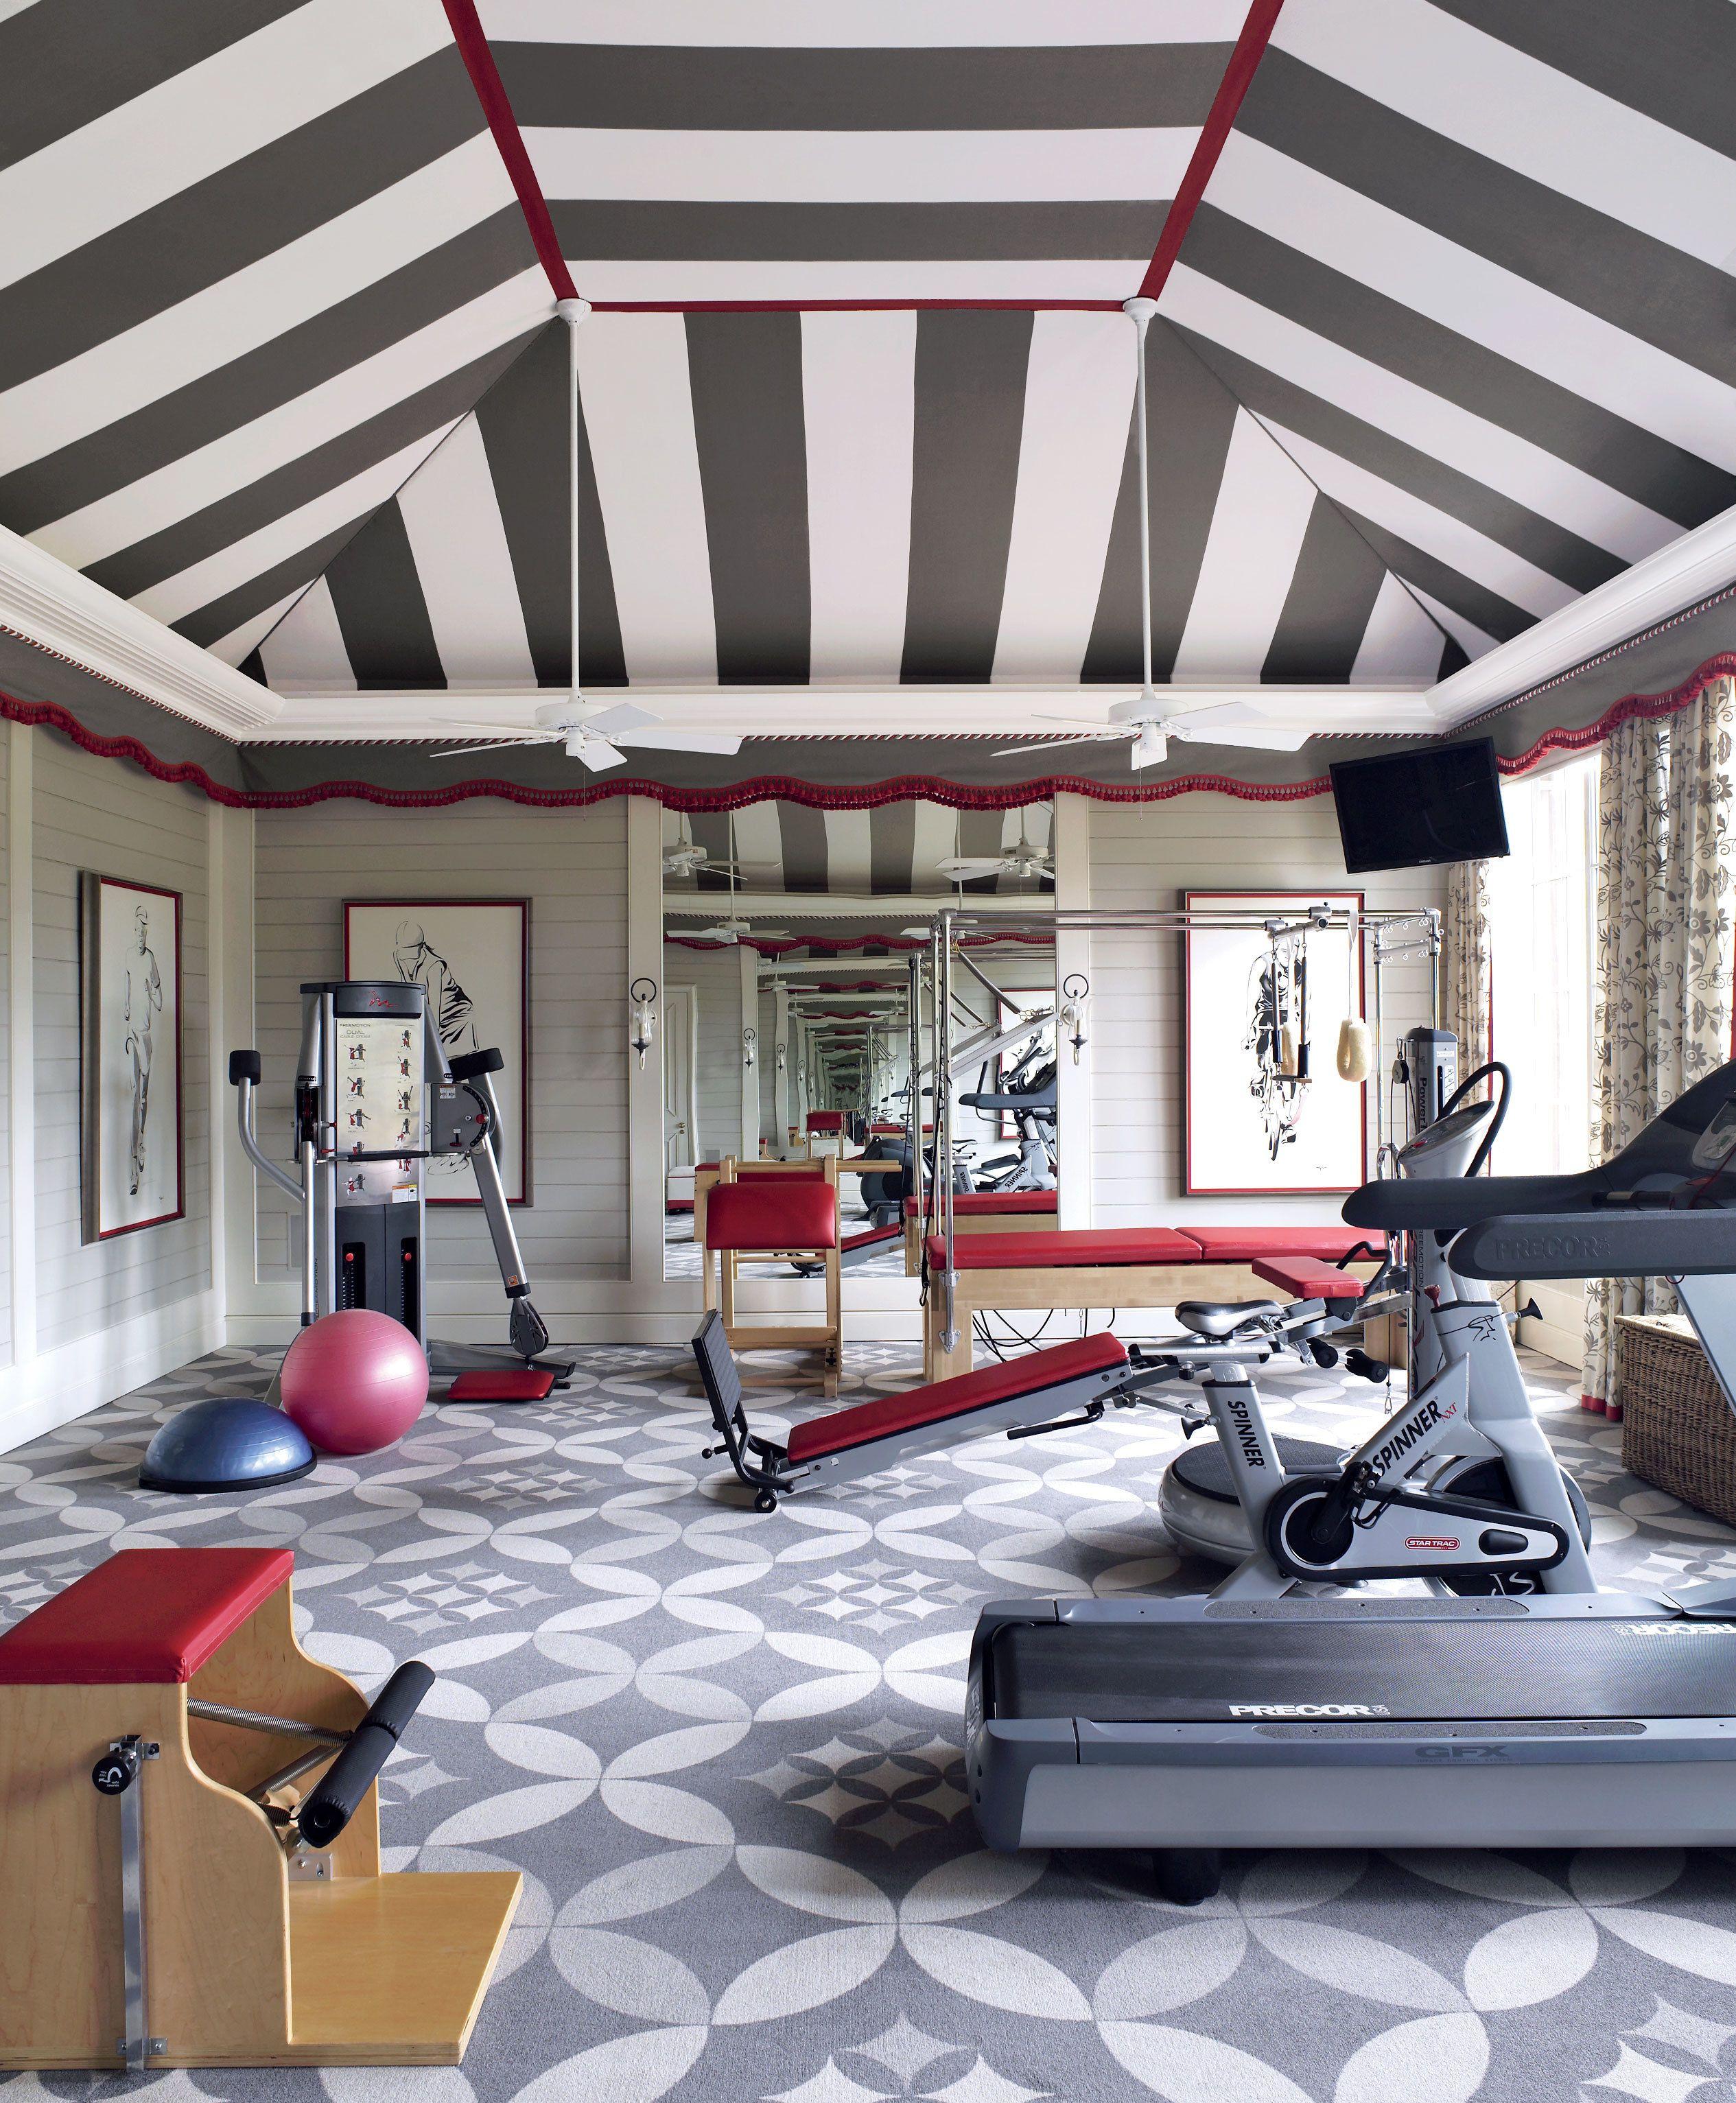 de98f12b3e96ded3708adab5d9846852 - New 24 Hour Fitness Miami Gardens